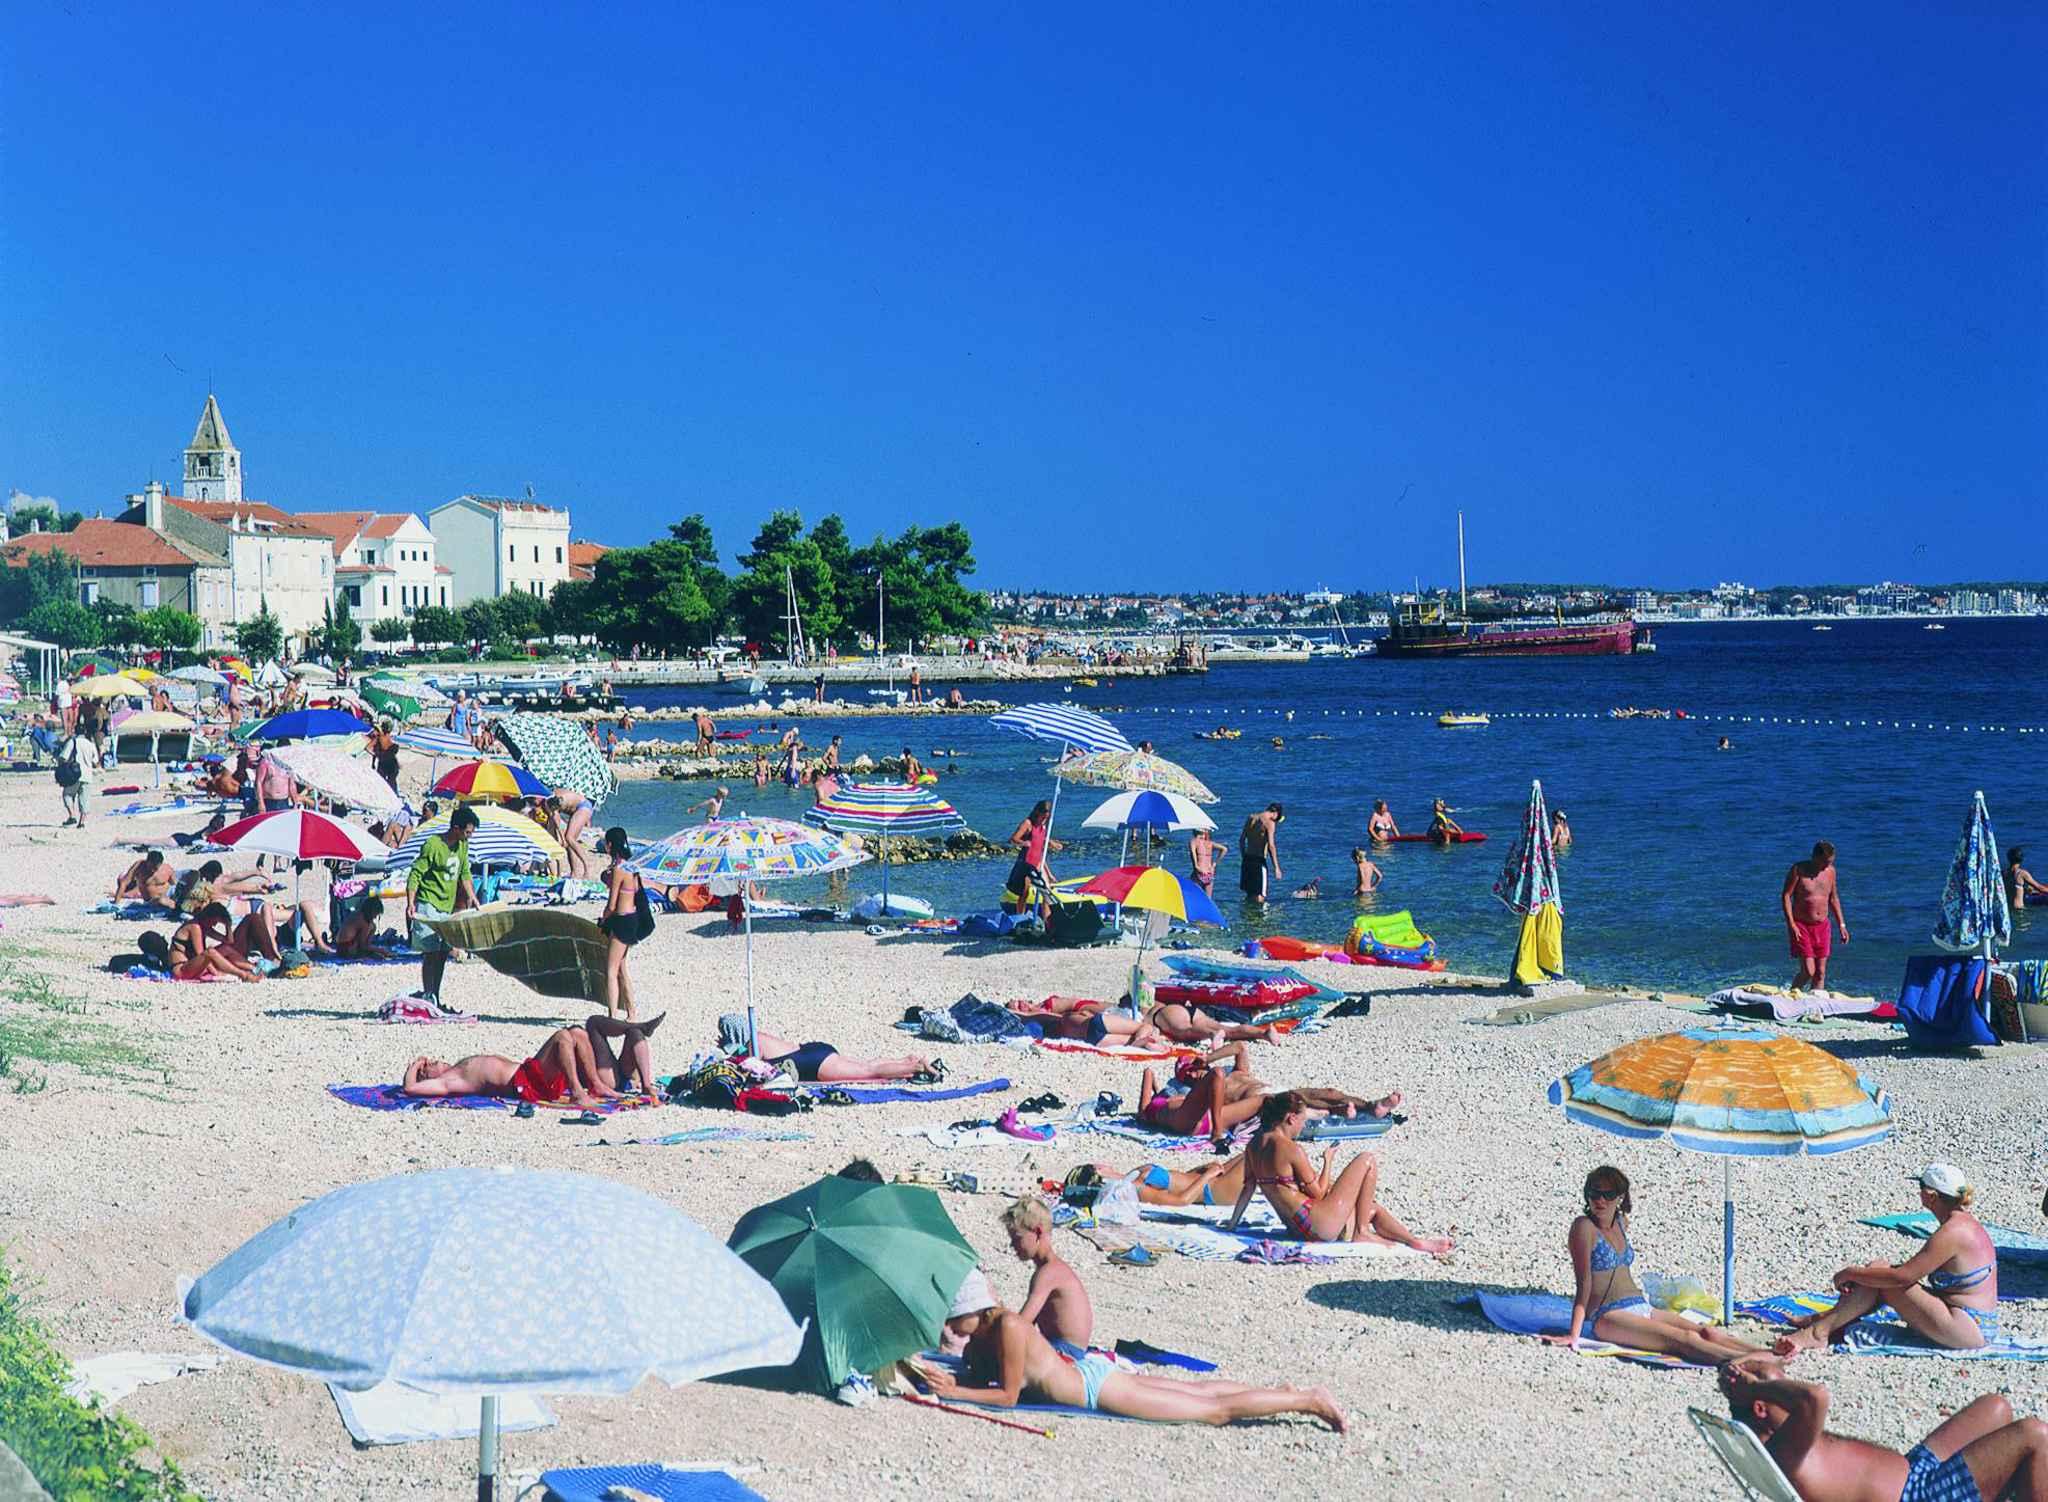 Ferienwohnung Ferienanlage Croatia (278901), Sveti Filip i Jakov, , Dalmatien, Kroatien, Bild 10